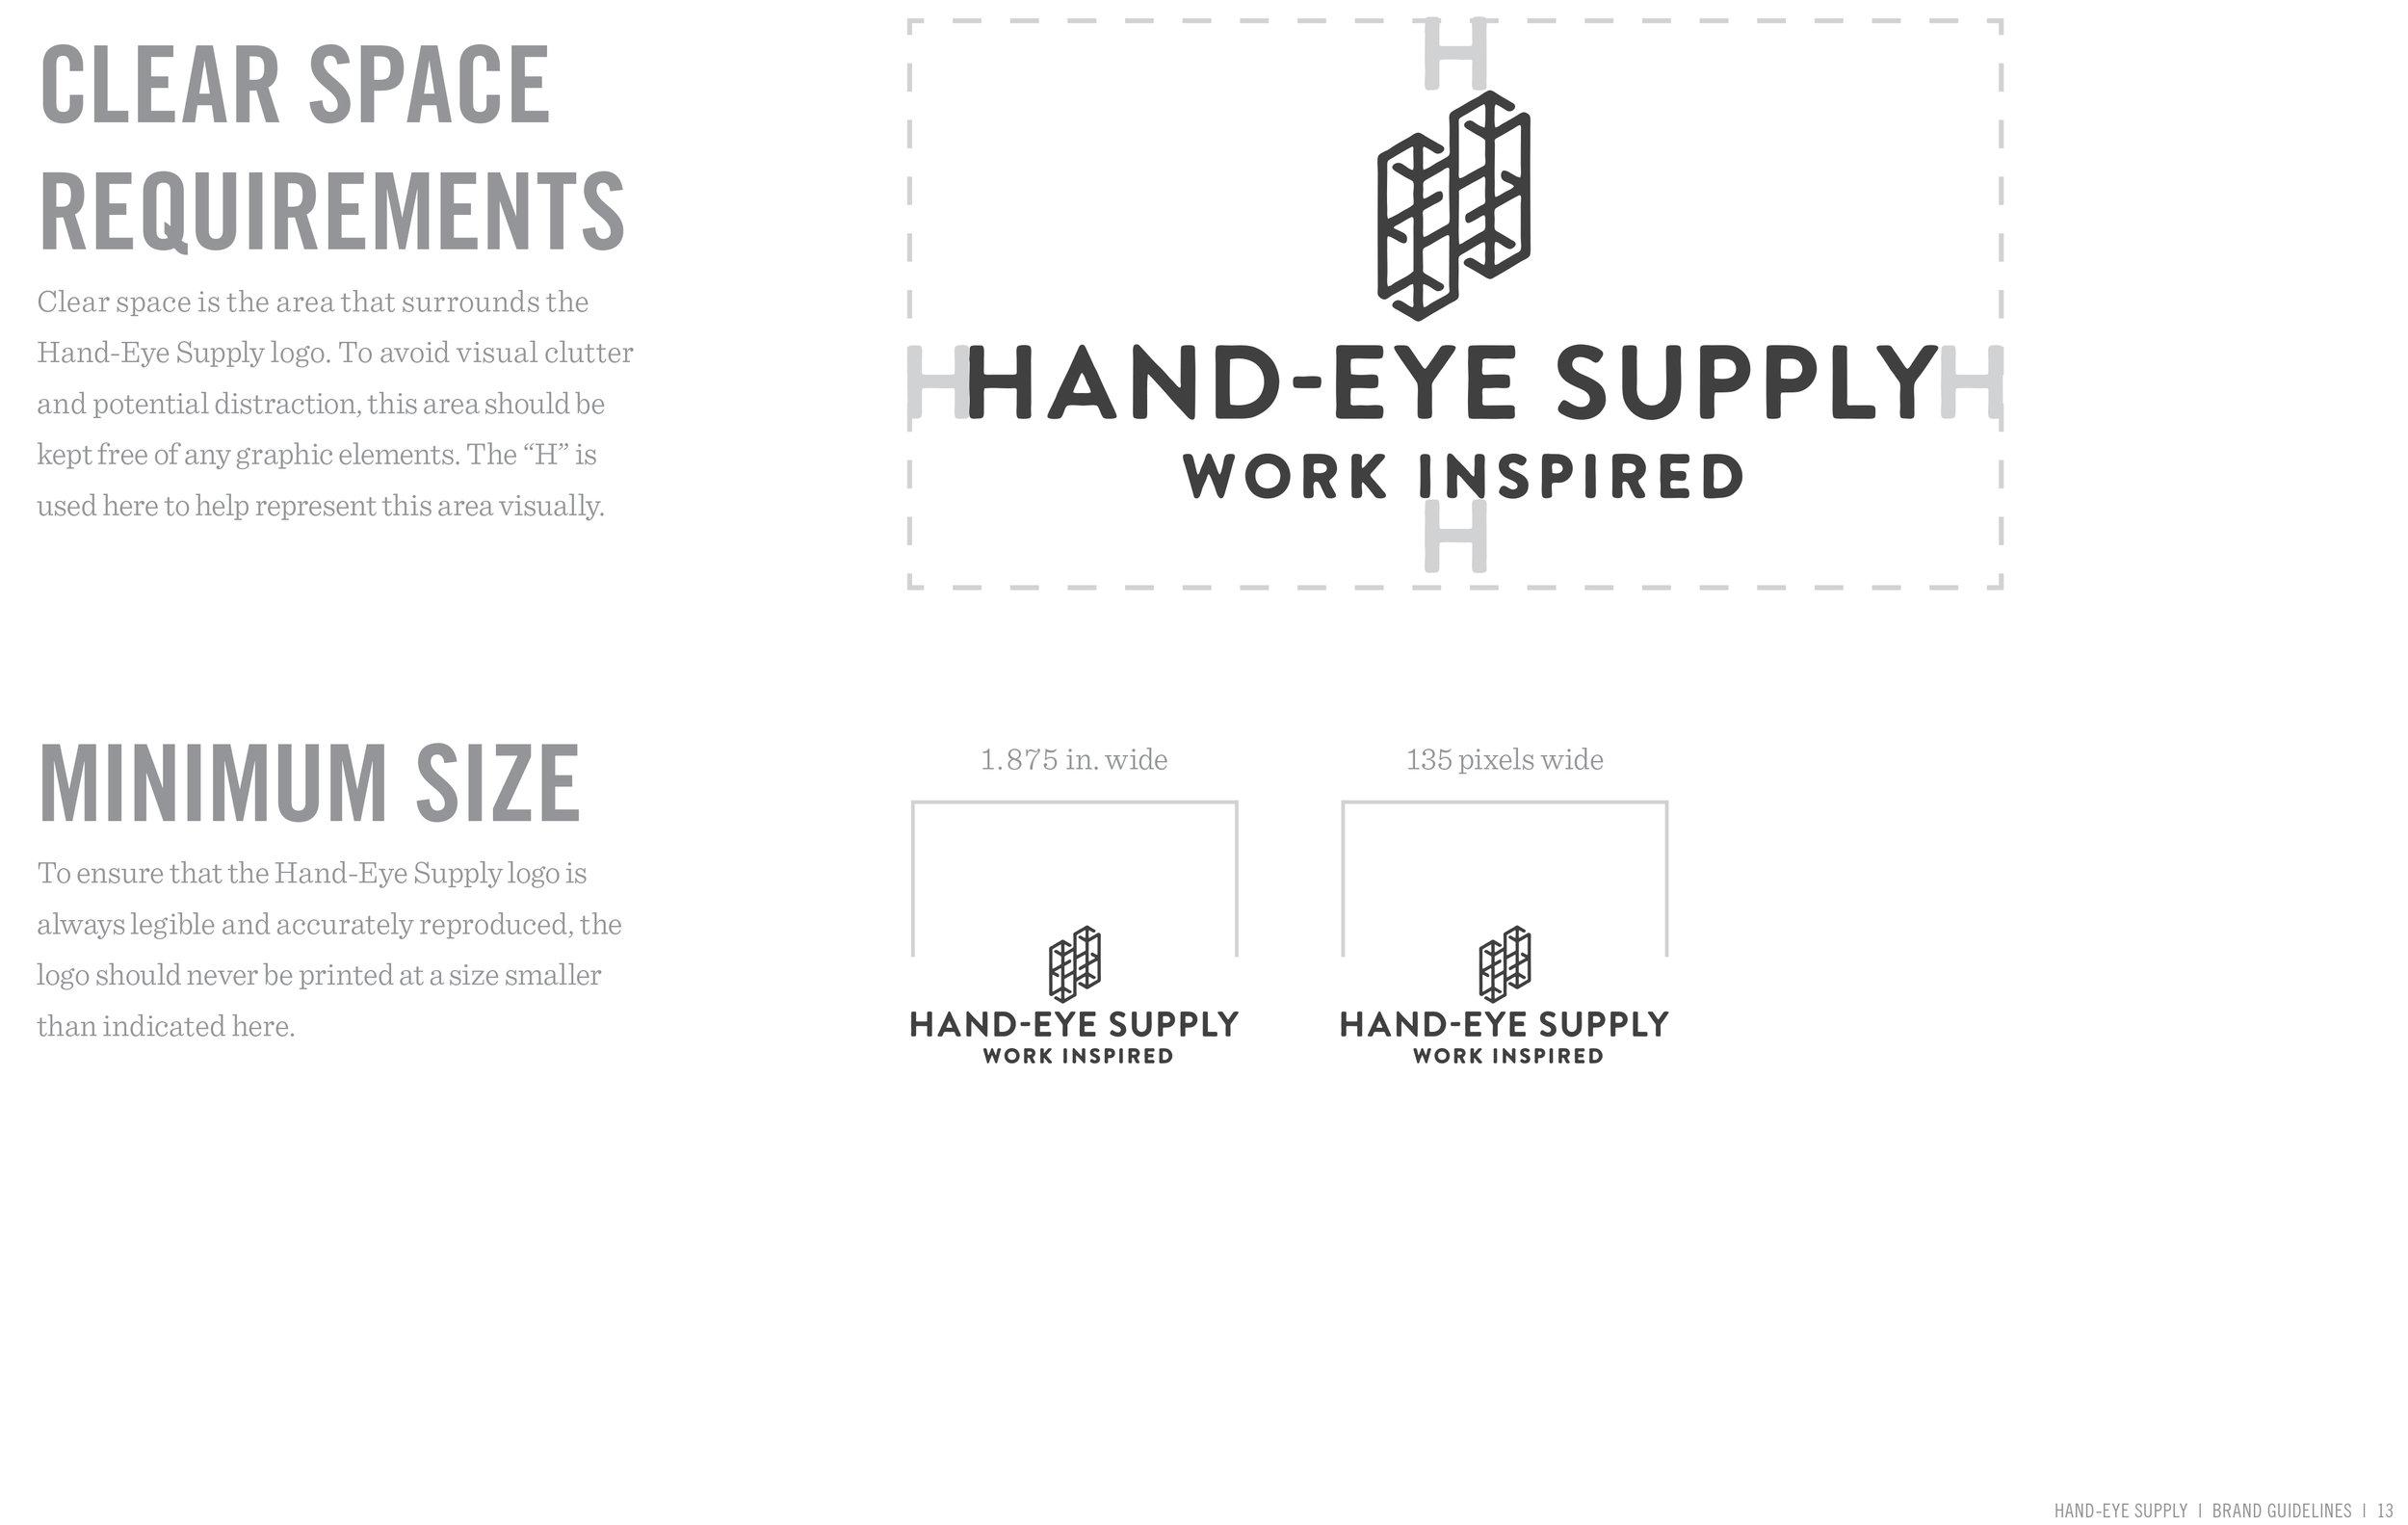 HandEyeSupply_brand_guide (dragged) 3-11.jpg